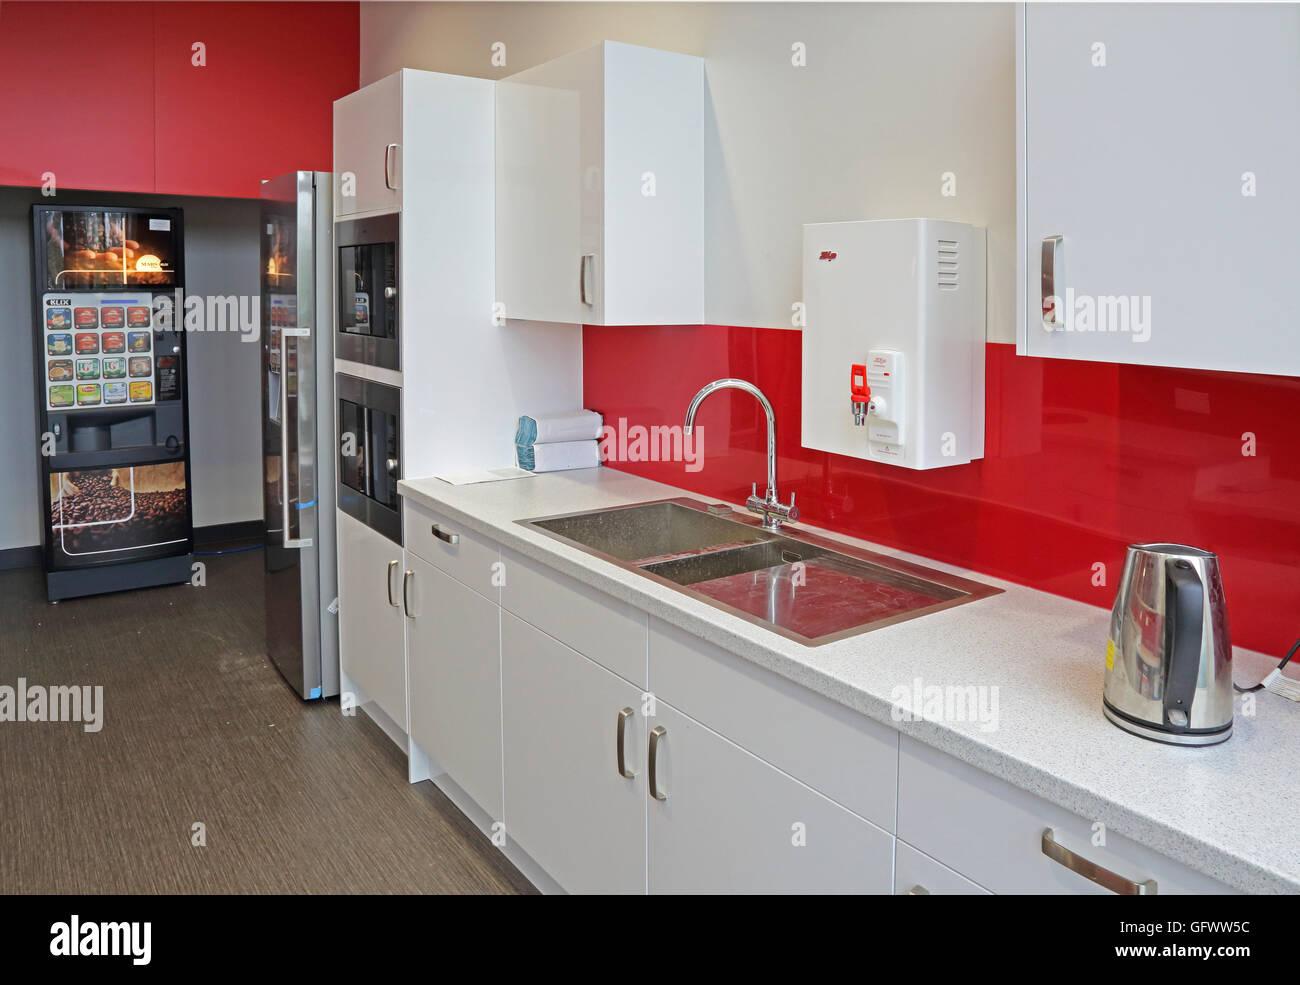 Smart personale area benessere in una nuova fabbrica che mostra cucina attrezzata e distributori automatici Immagini Stock